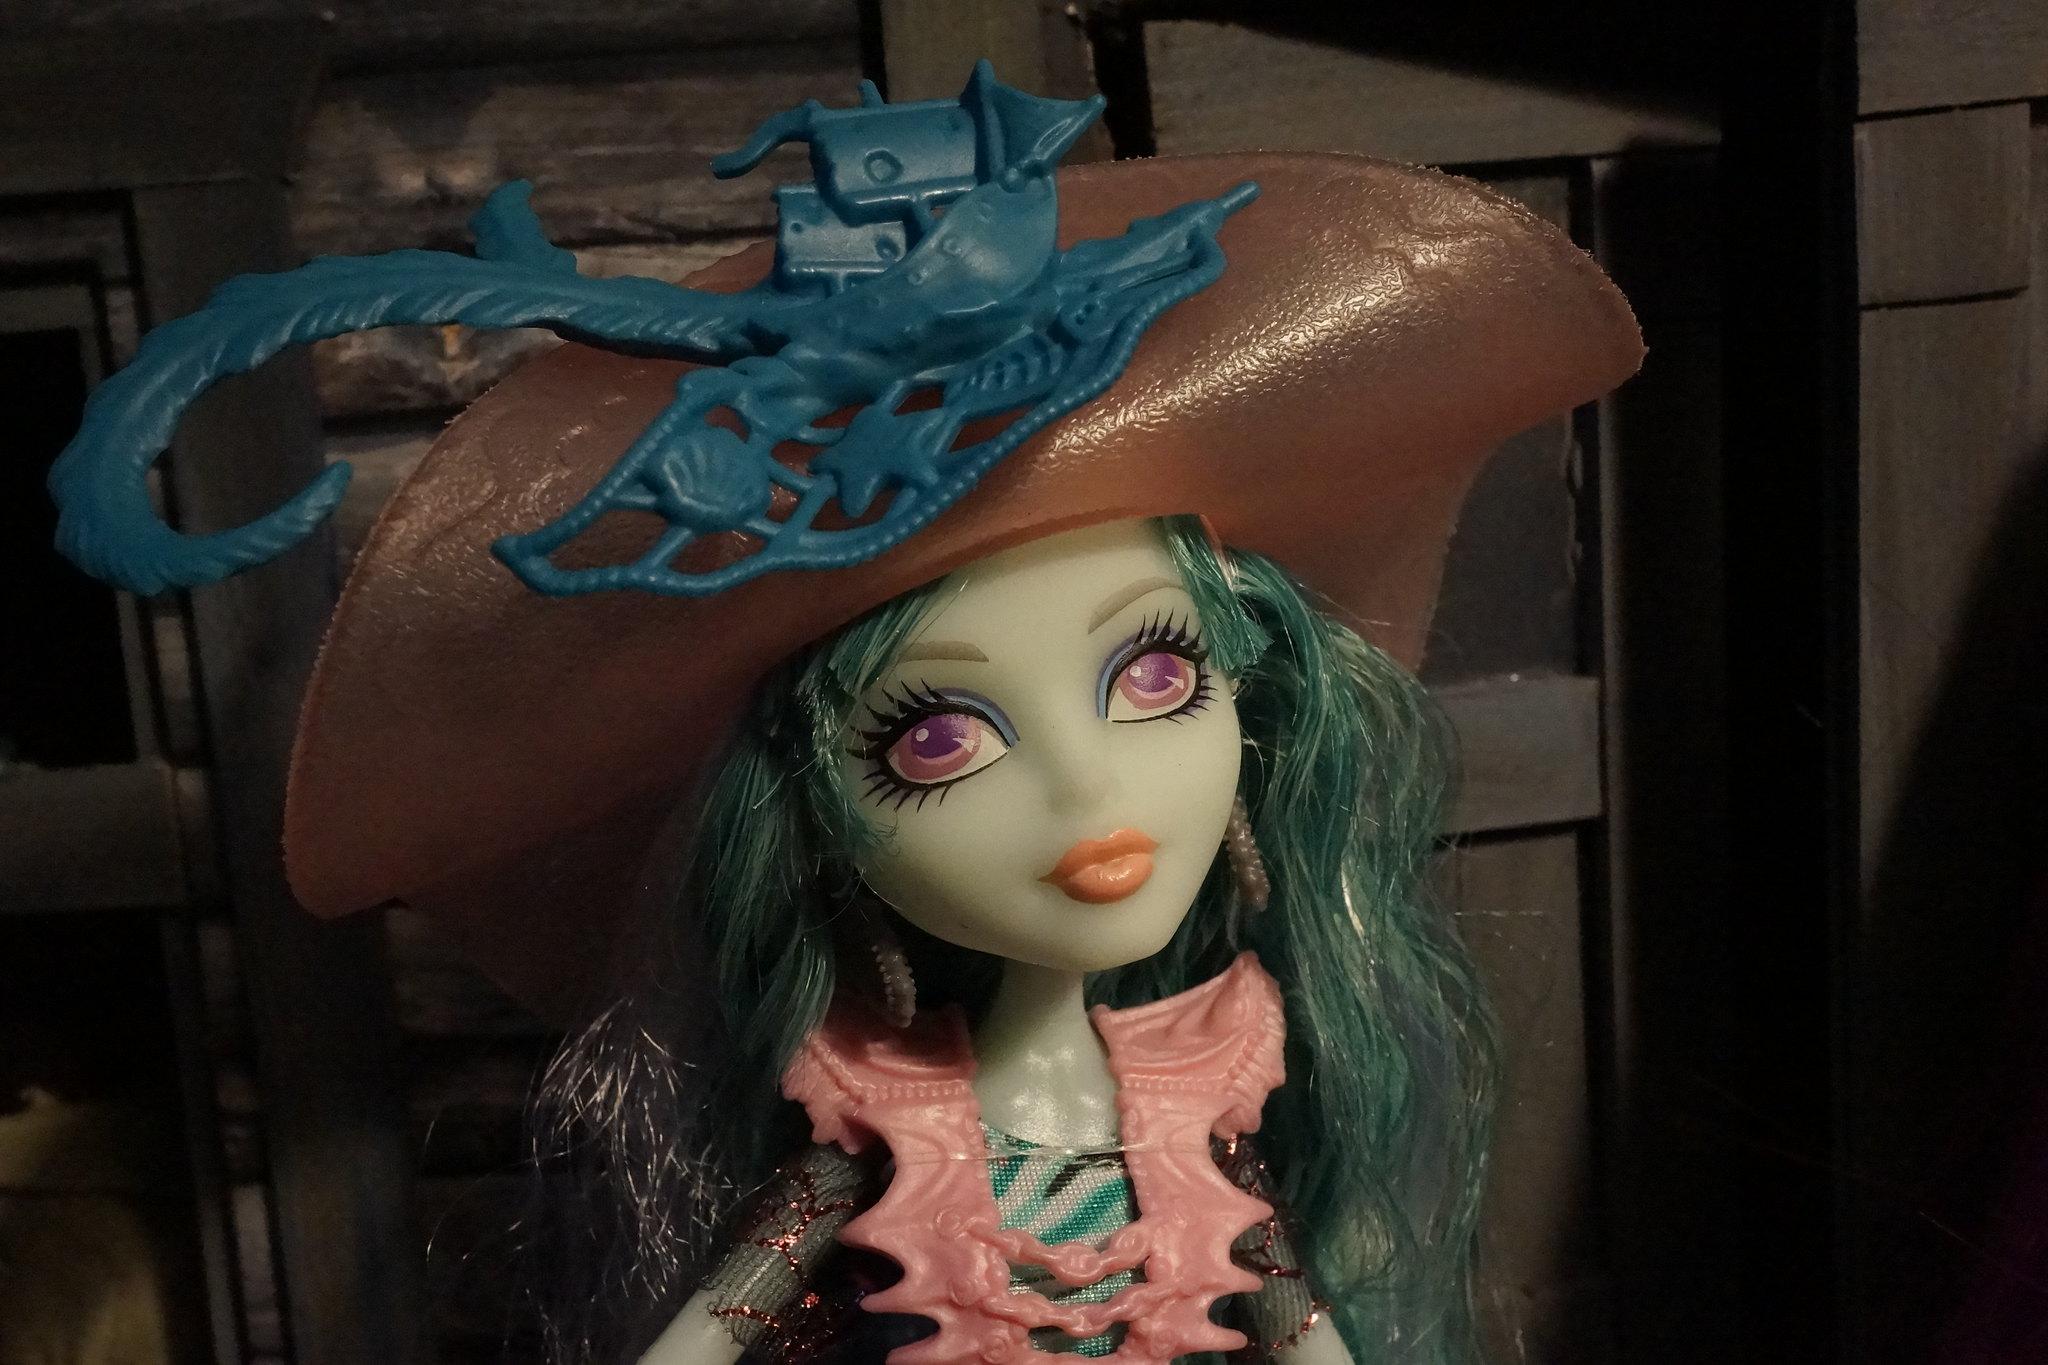 Mattelin Monster High - Sivu 11 23838399216_4b7d864cec_k